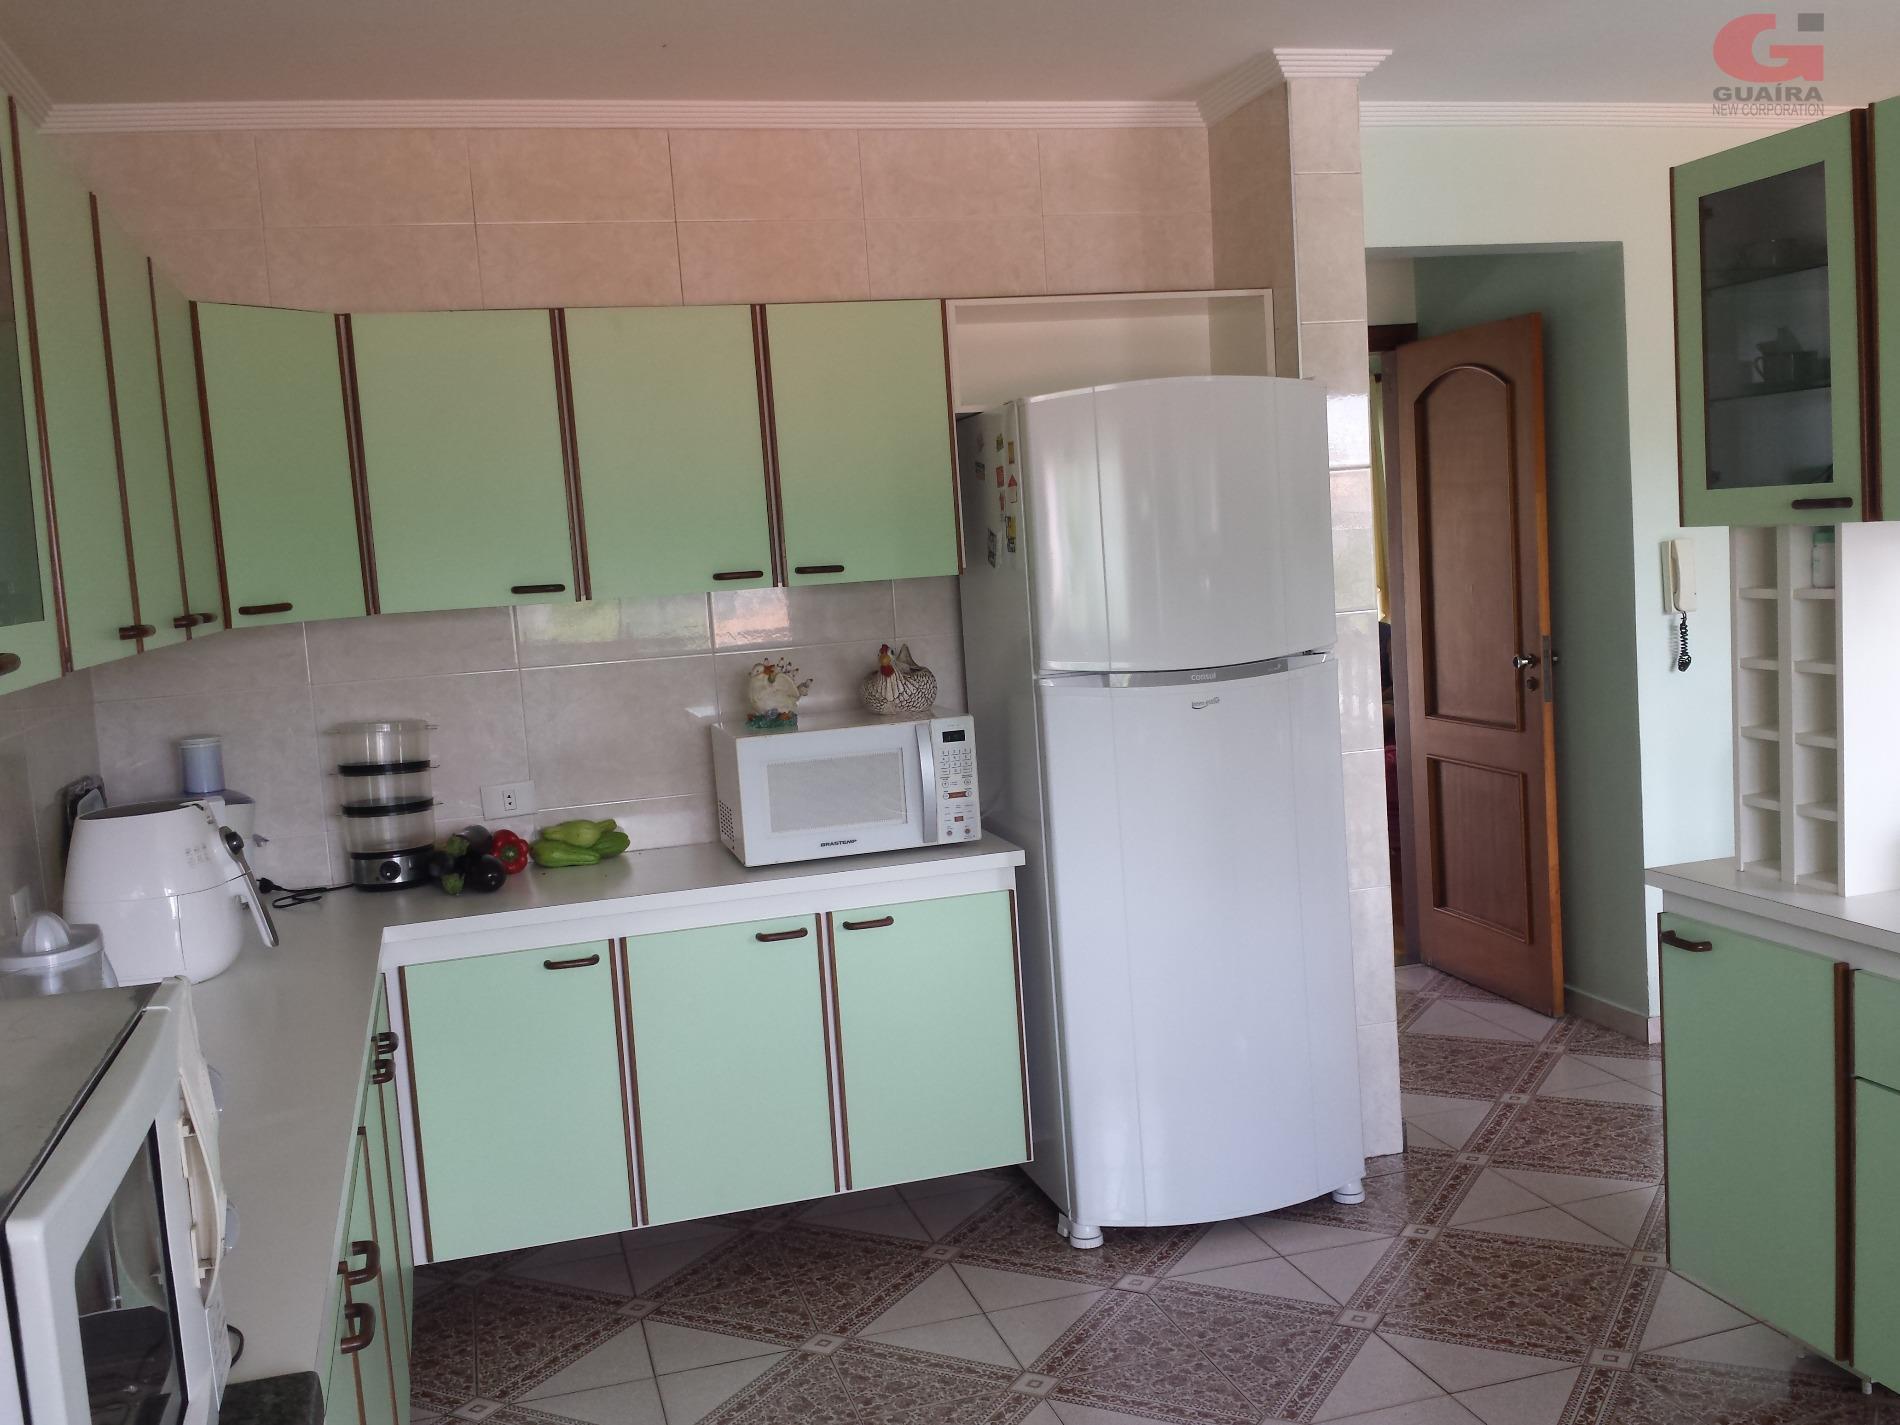 Sobrado de 7 dormitórios à venda em Parque Espacial, São Bernardo Do Campo - SP